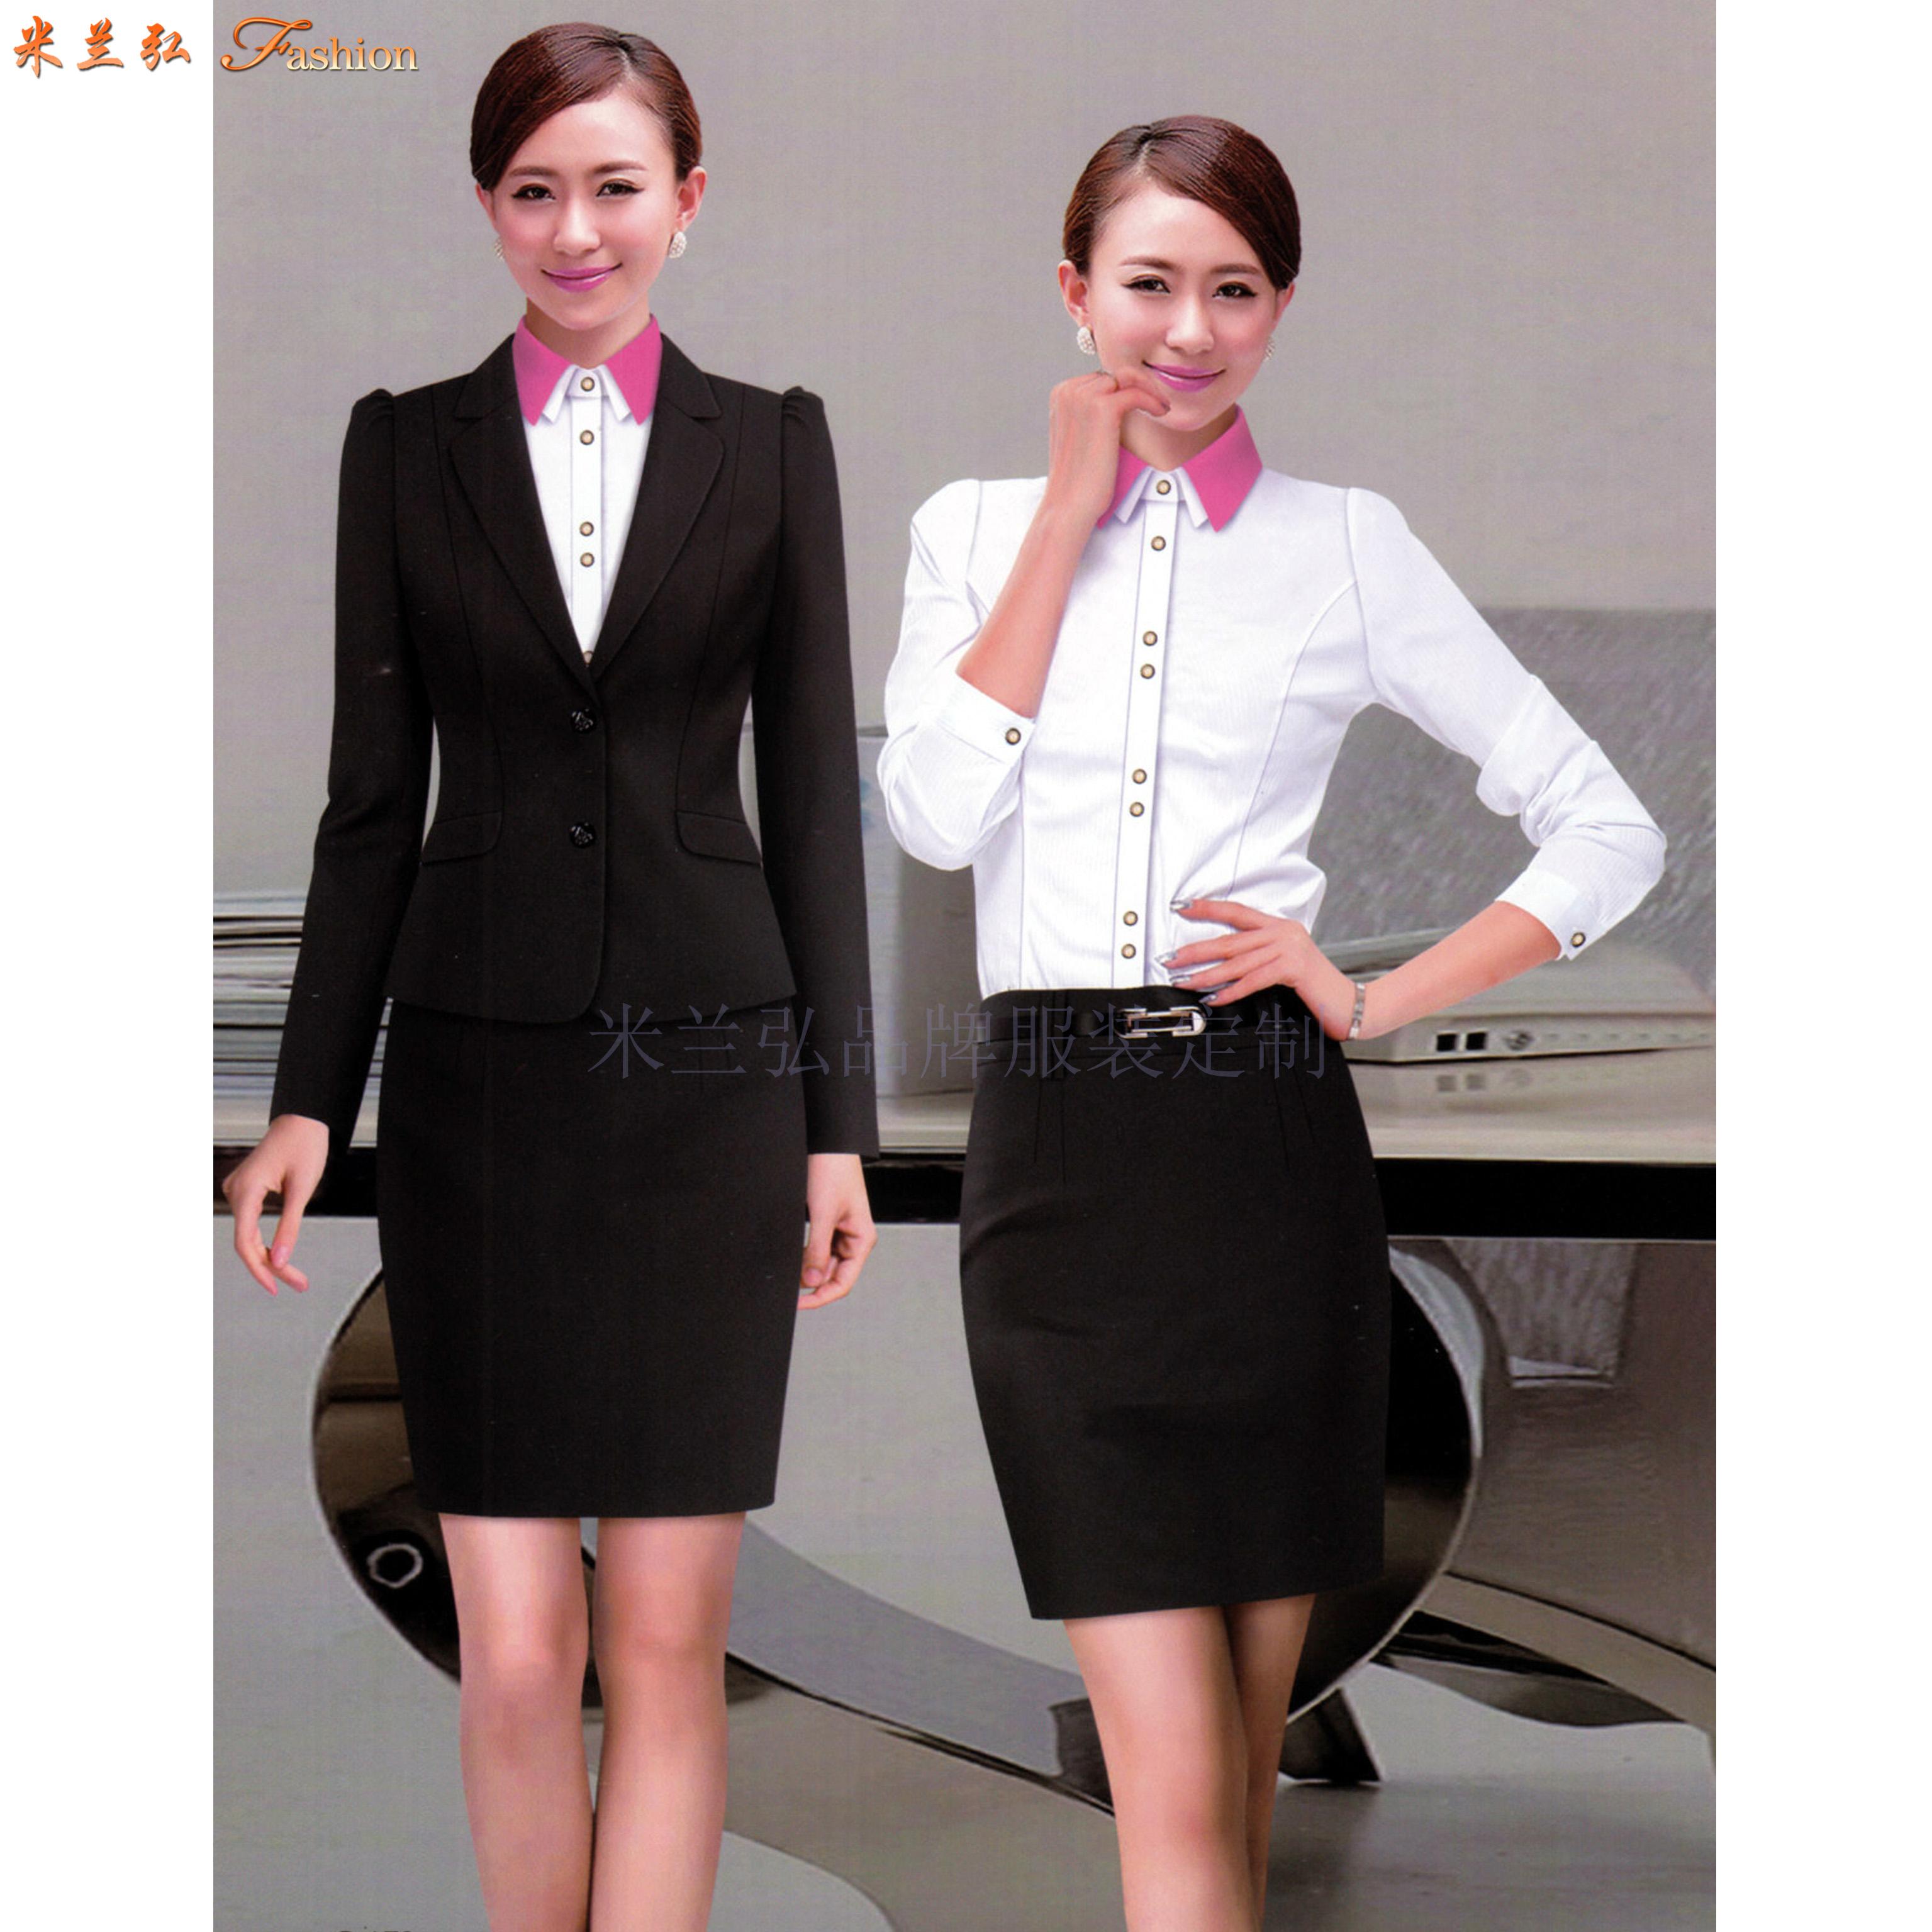 北京定做西服襯衫-十年定做廠家值得信賴-米蘭弘服裝-4